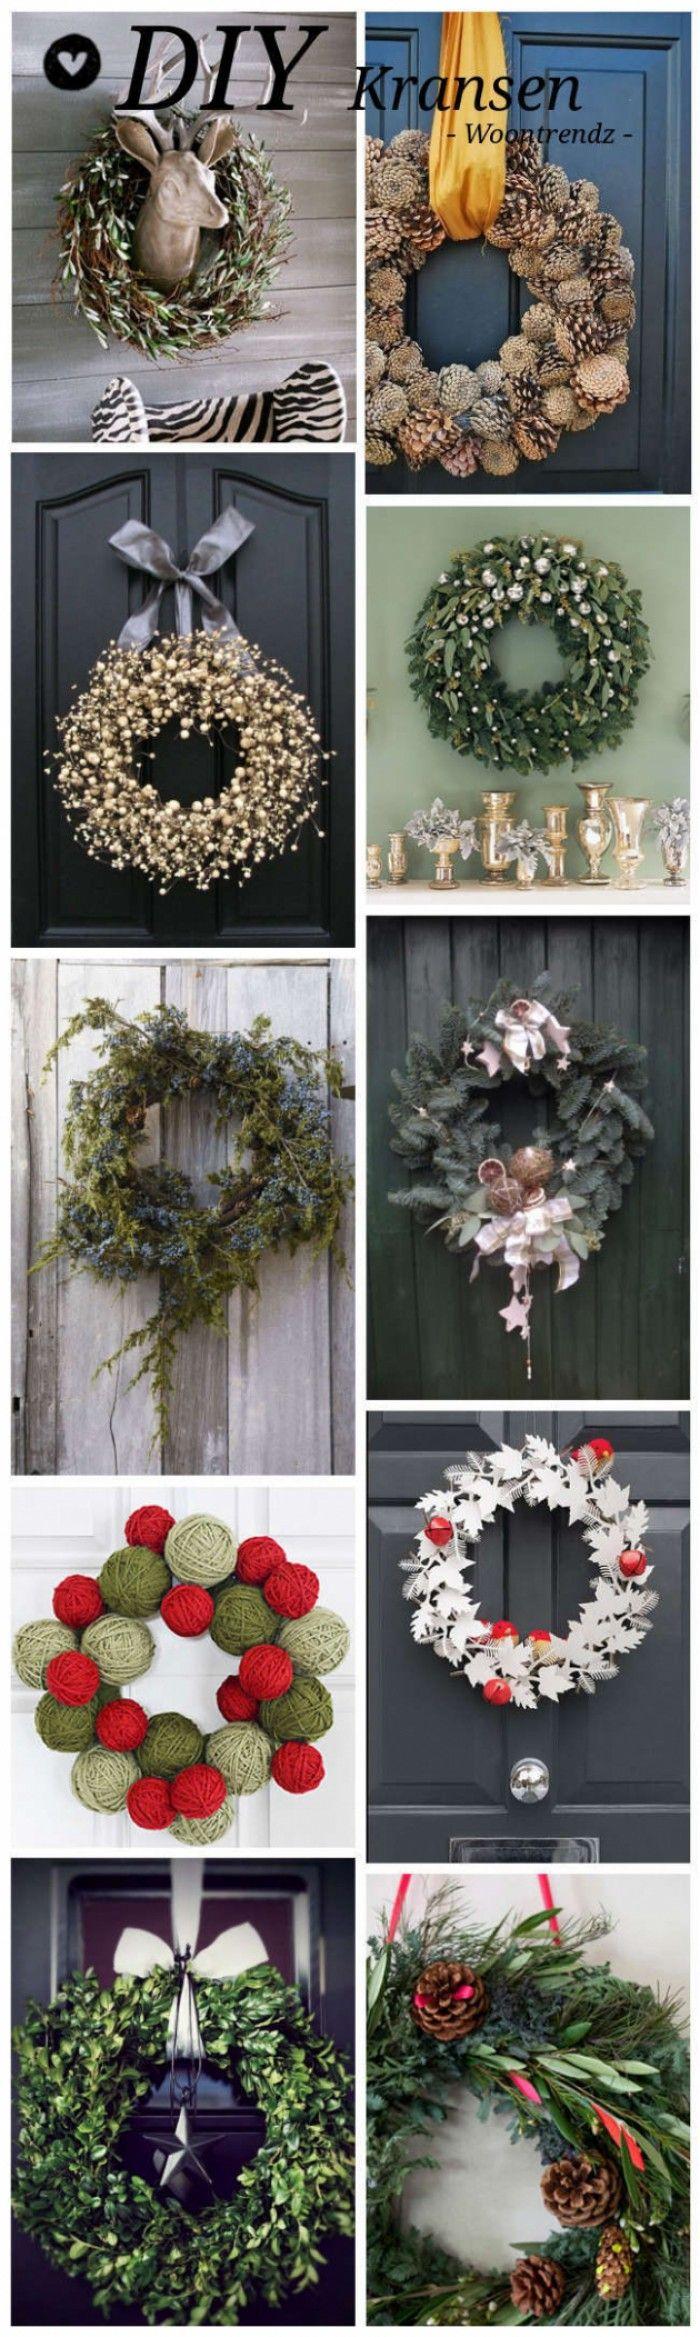 """DYI kerstkransen. De mooiste kerstkransen maak je natuurlijk zelf! Klik op """"bron"""" naast de foto voor de instructies."""